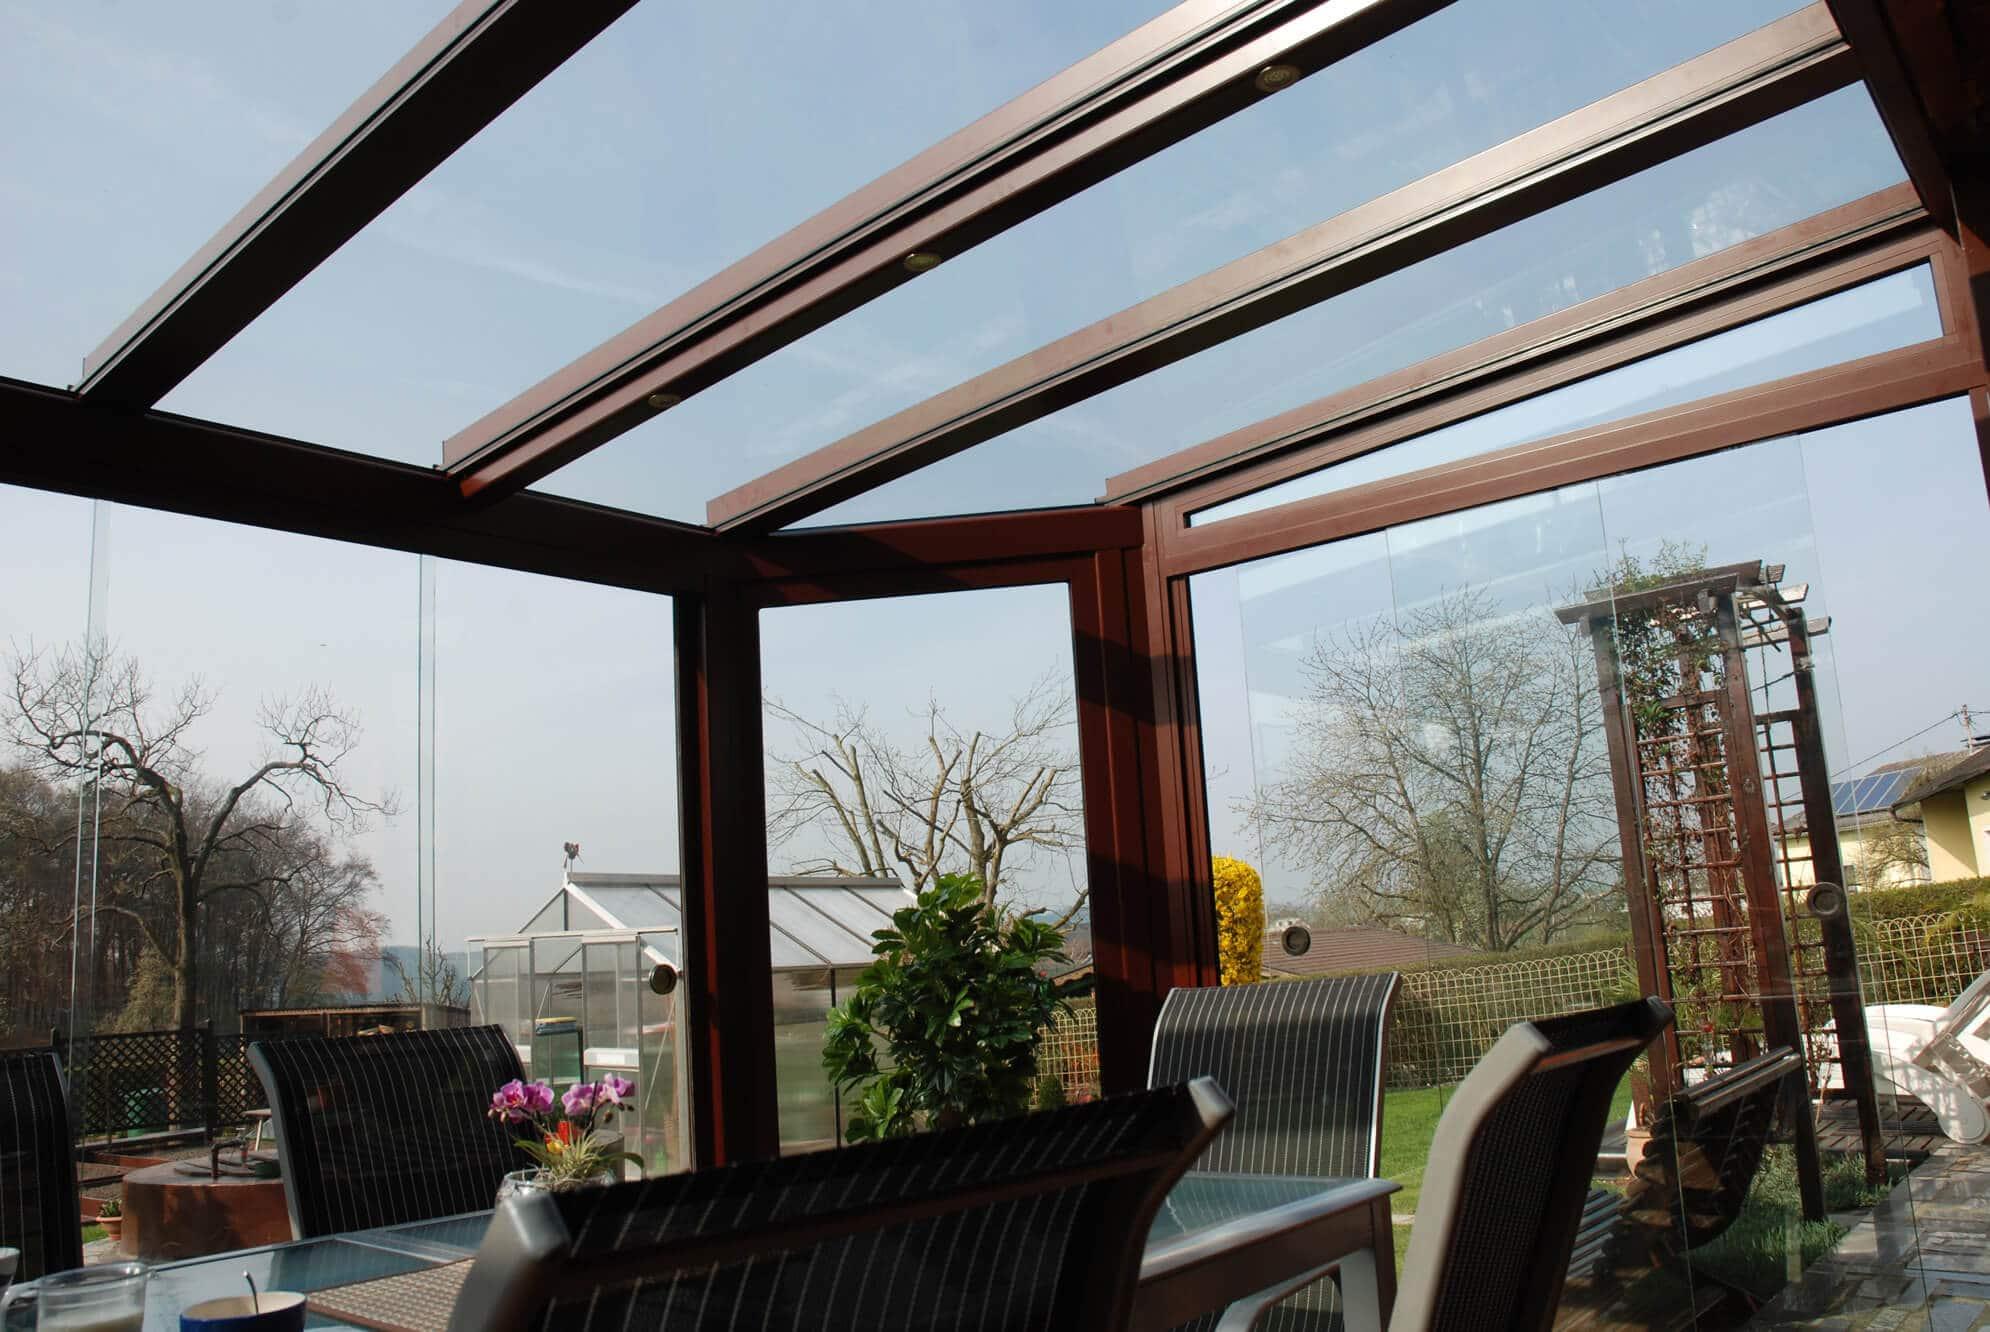 Sommergarten Pultdach Glas